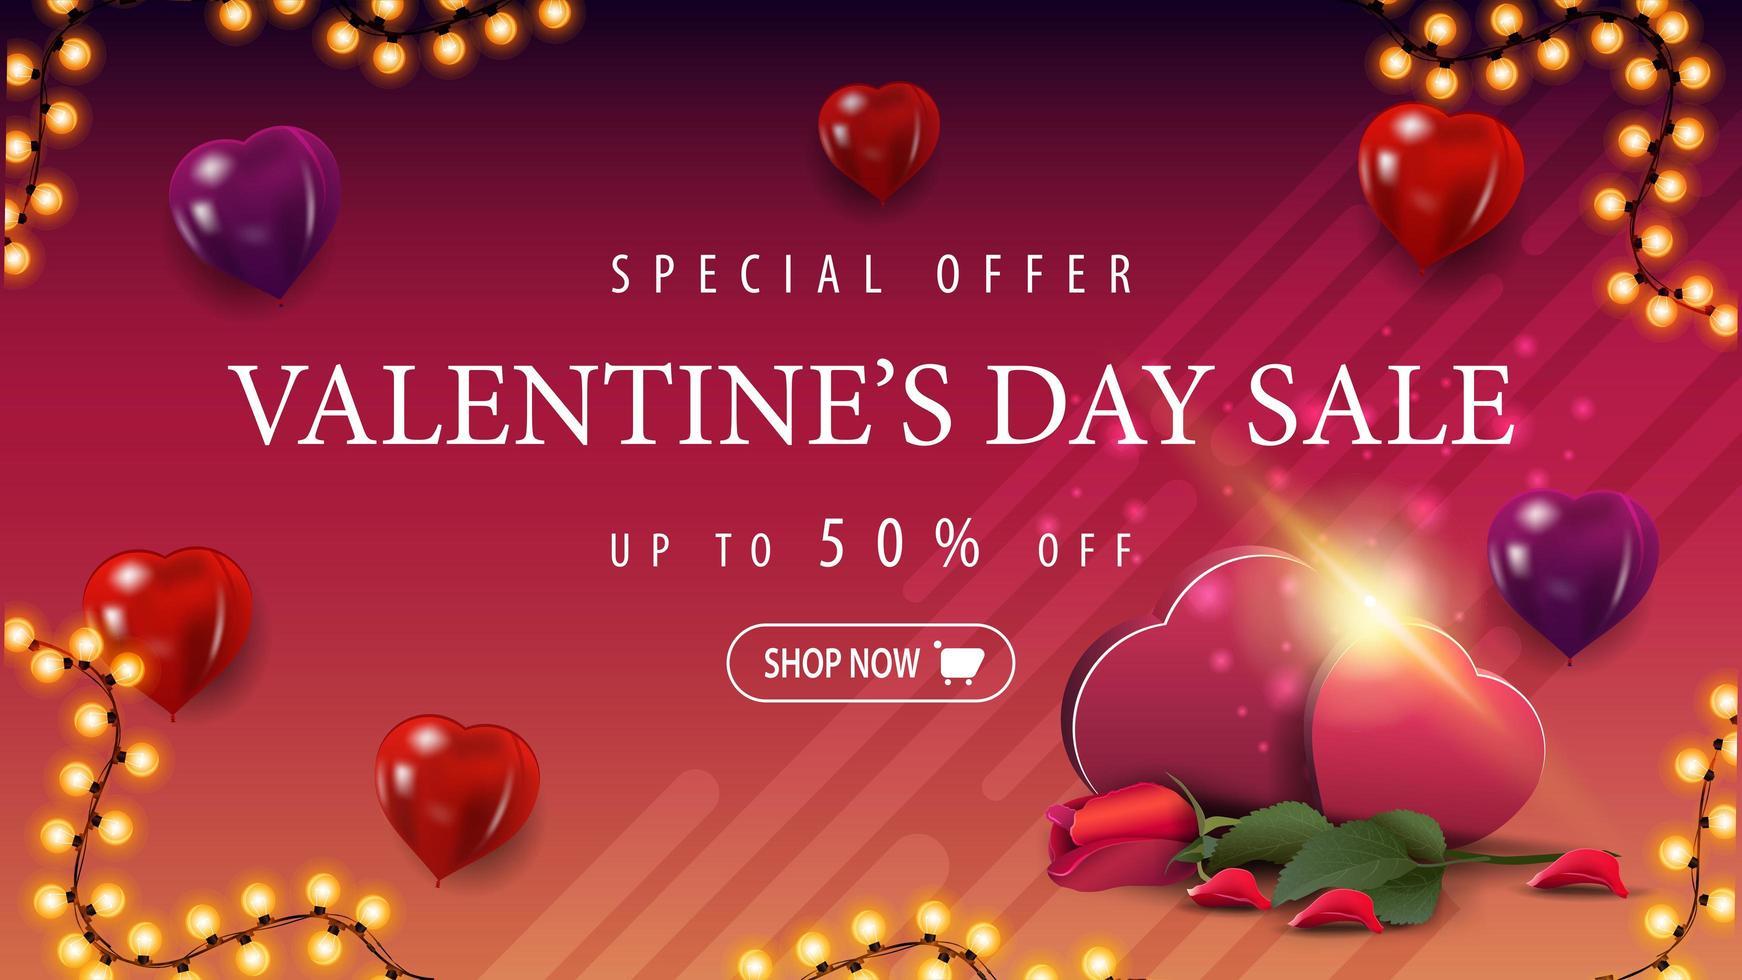 Alla hjärtans dag försäljning, upp till 50 rabatt, banner vektor